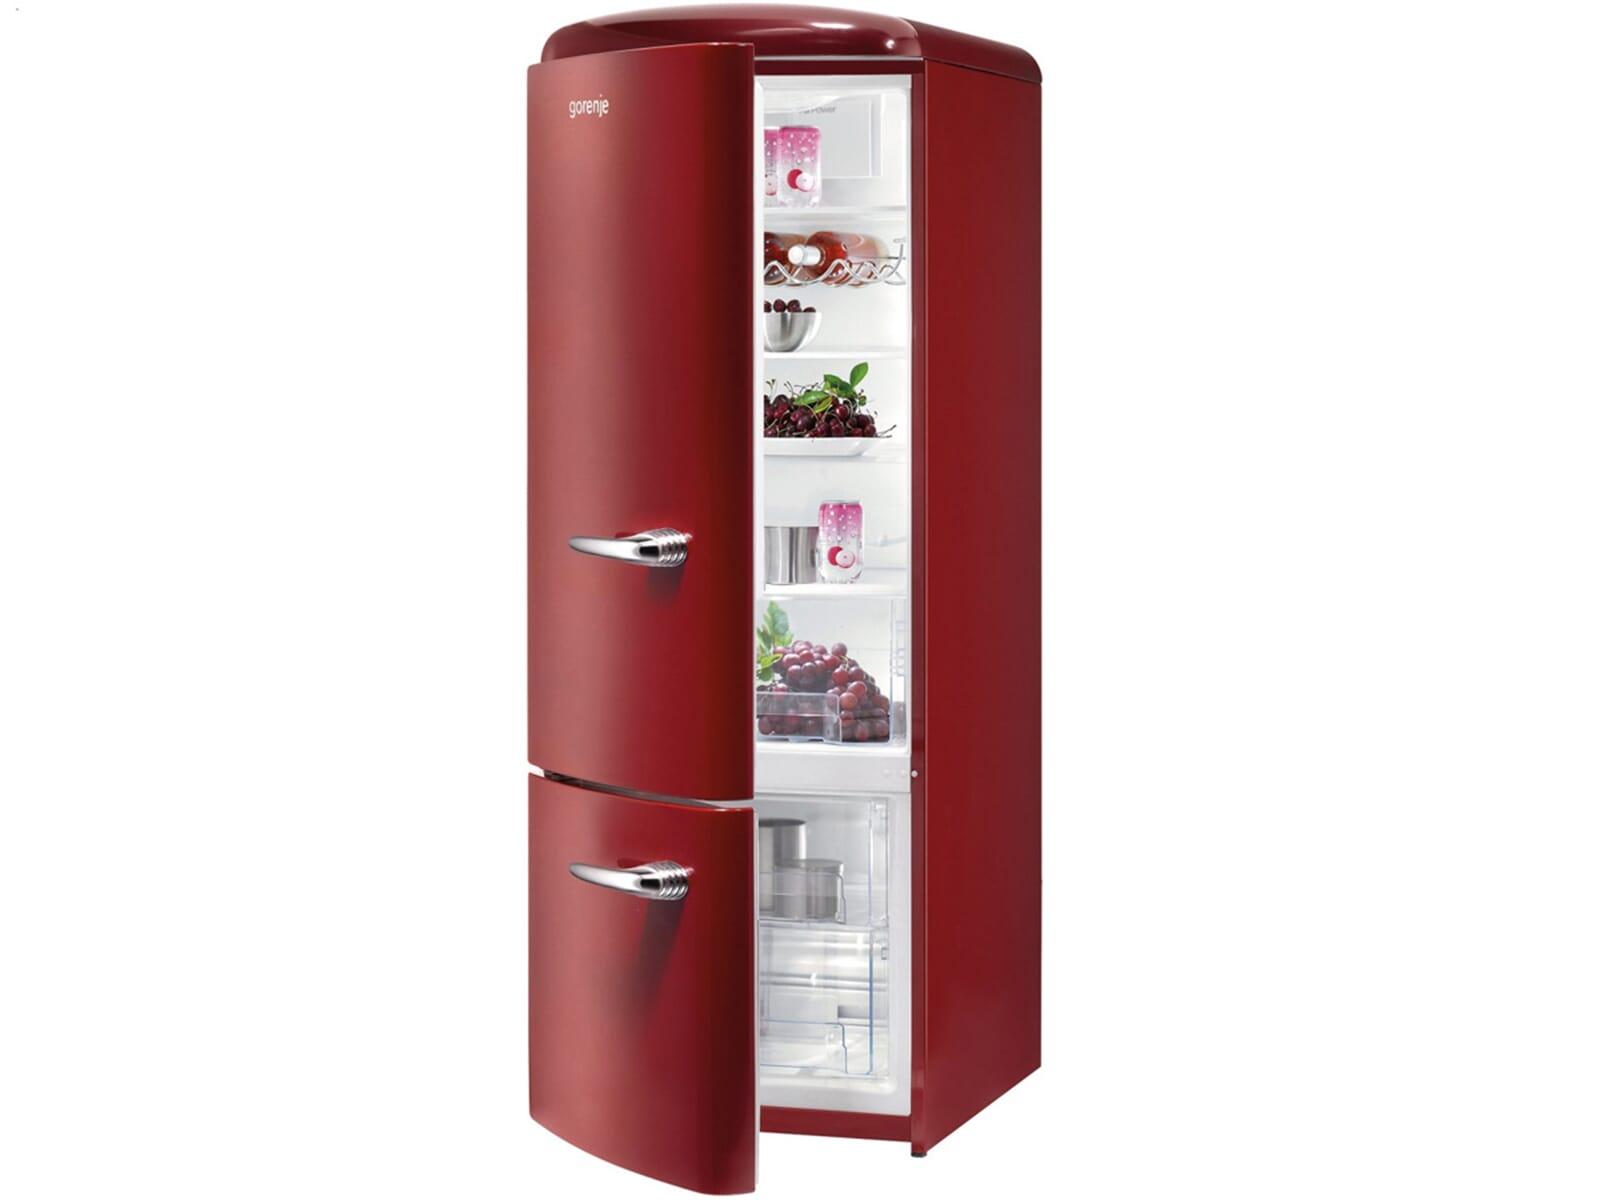 Gorenje Kühlschrank Silber : Gorenje kühlschrank gefrierkombination kühlschrank